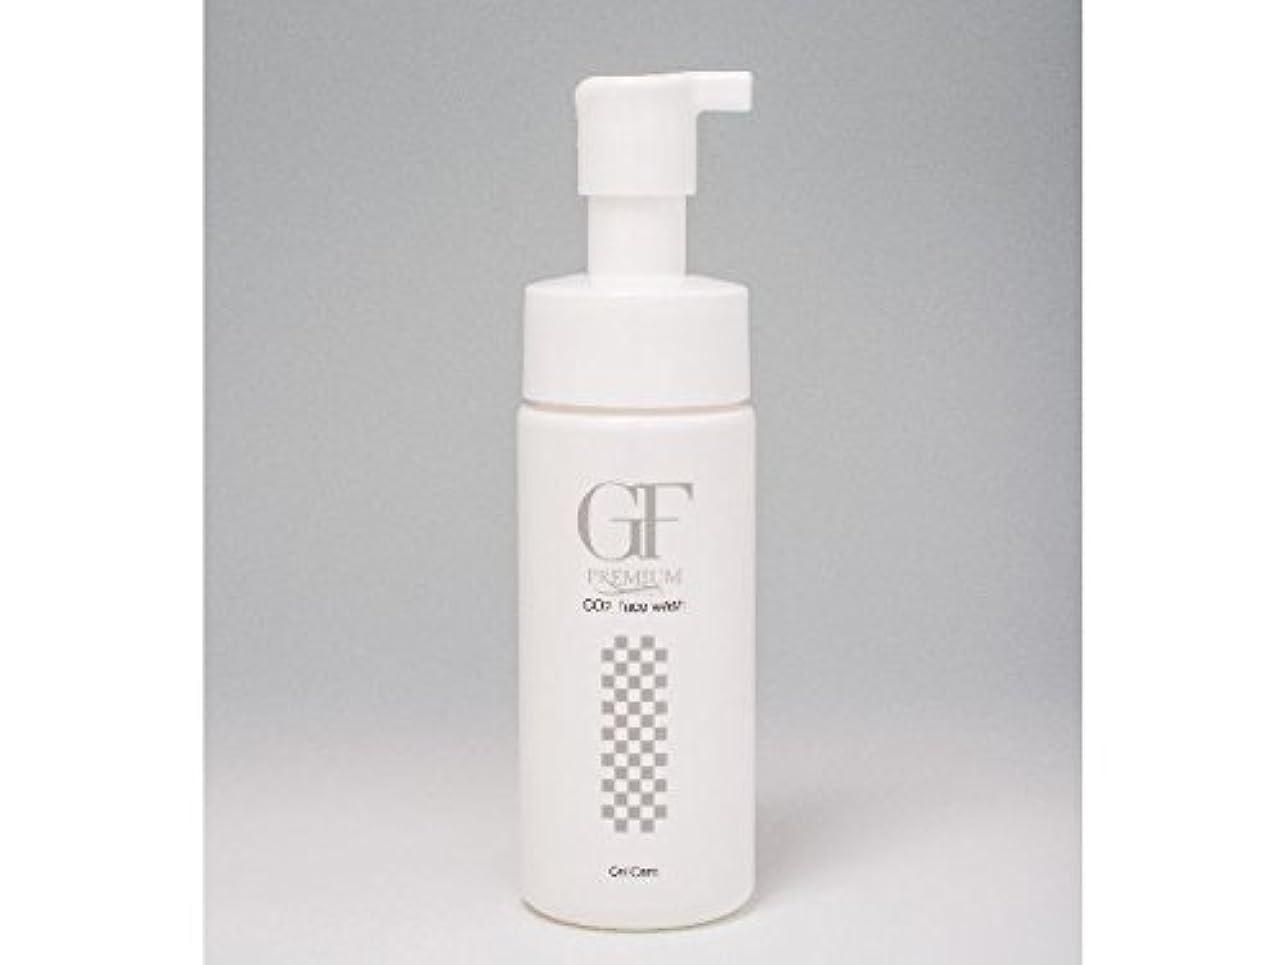 粉砕する人気の全員セルケア GFプレミアム EG炭酸洗顔フォーム 150ml